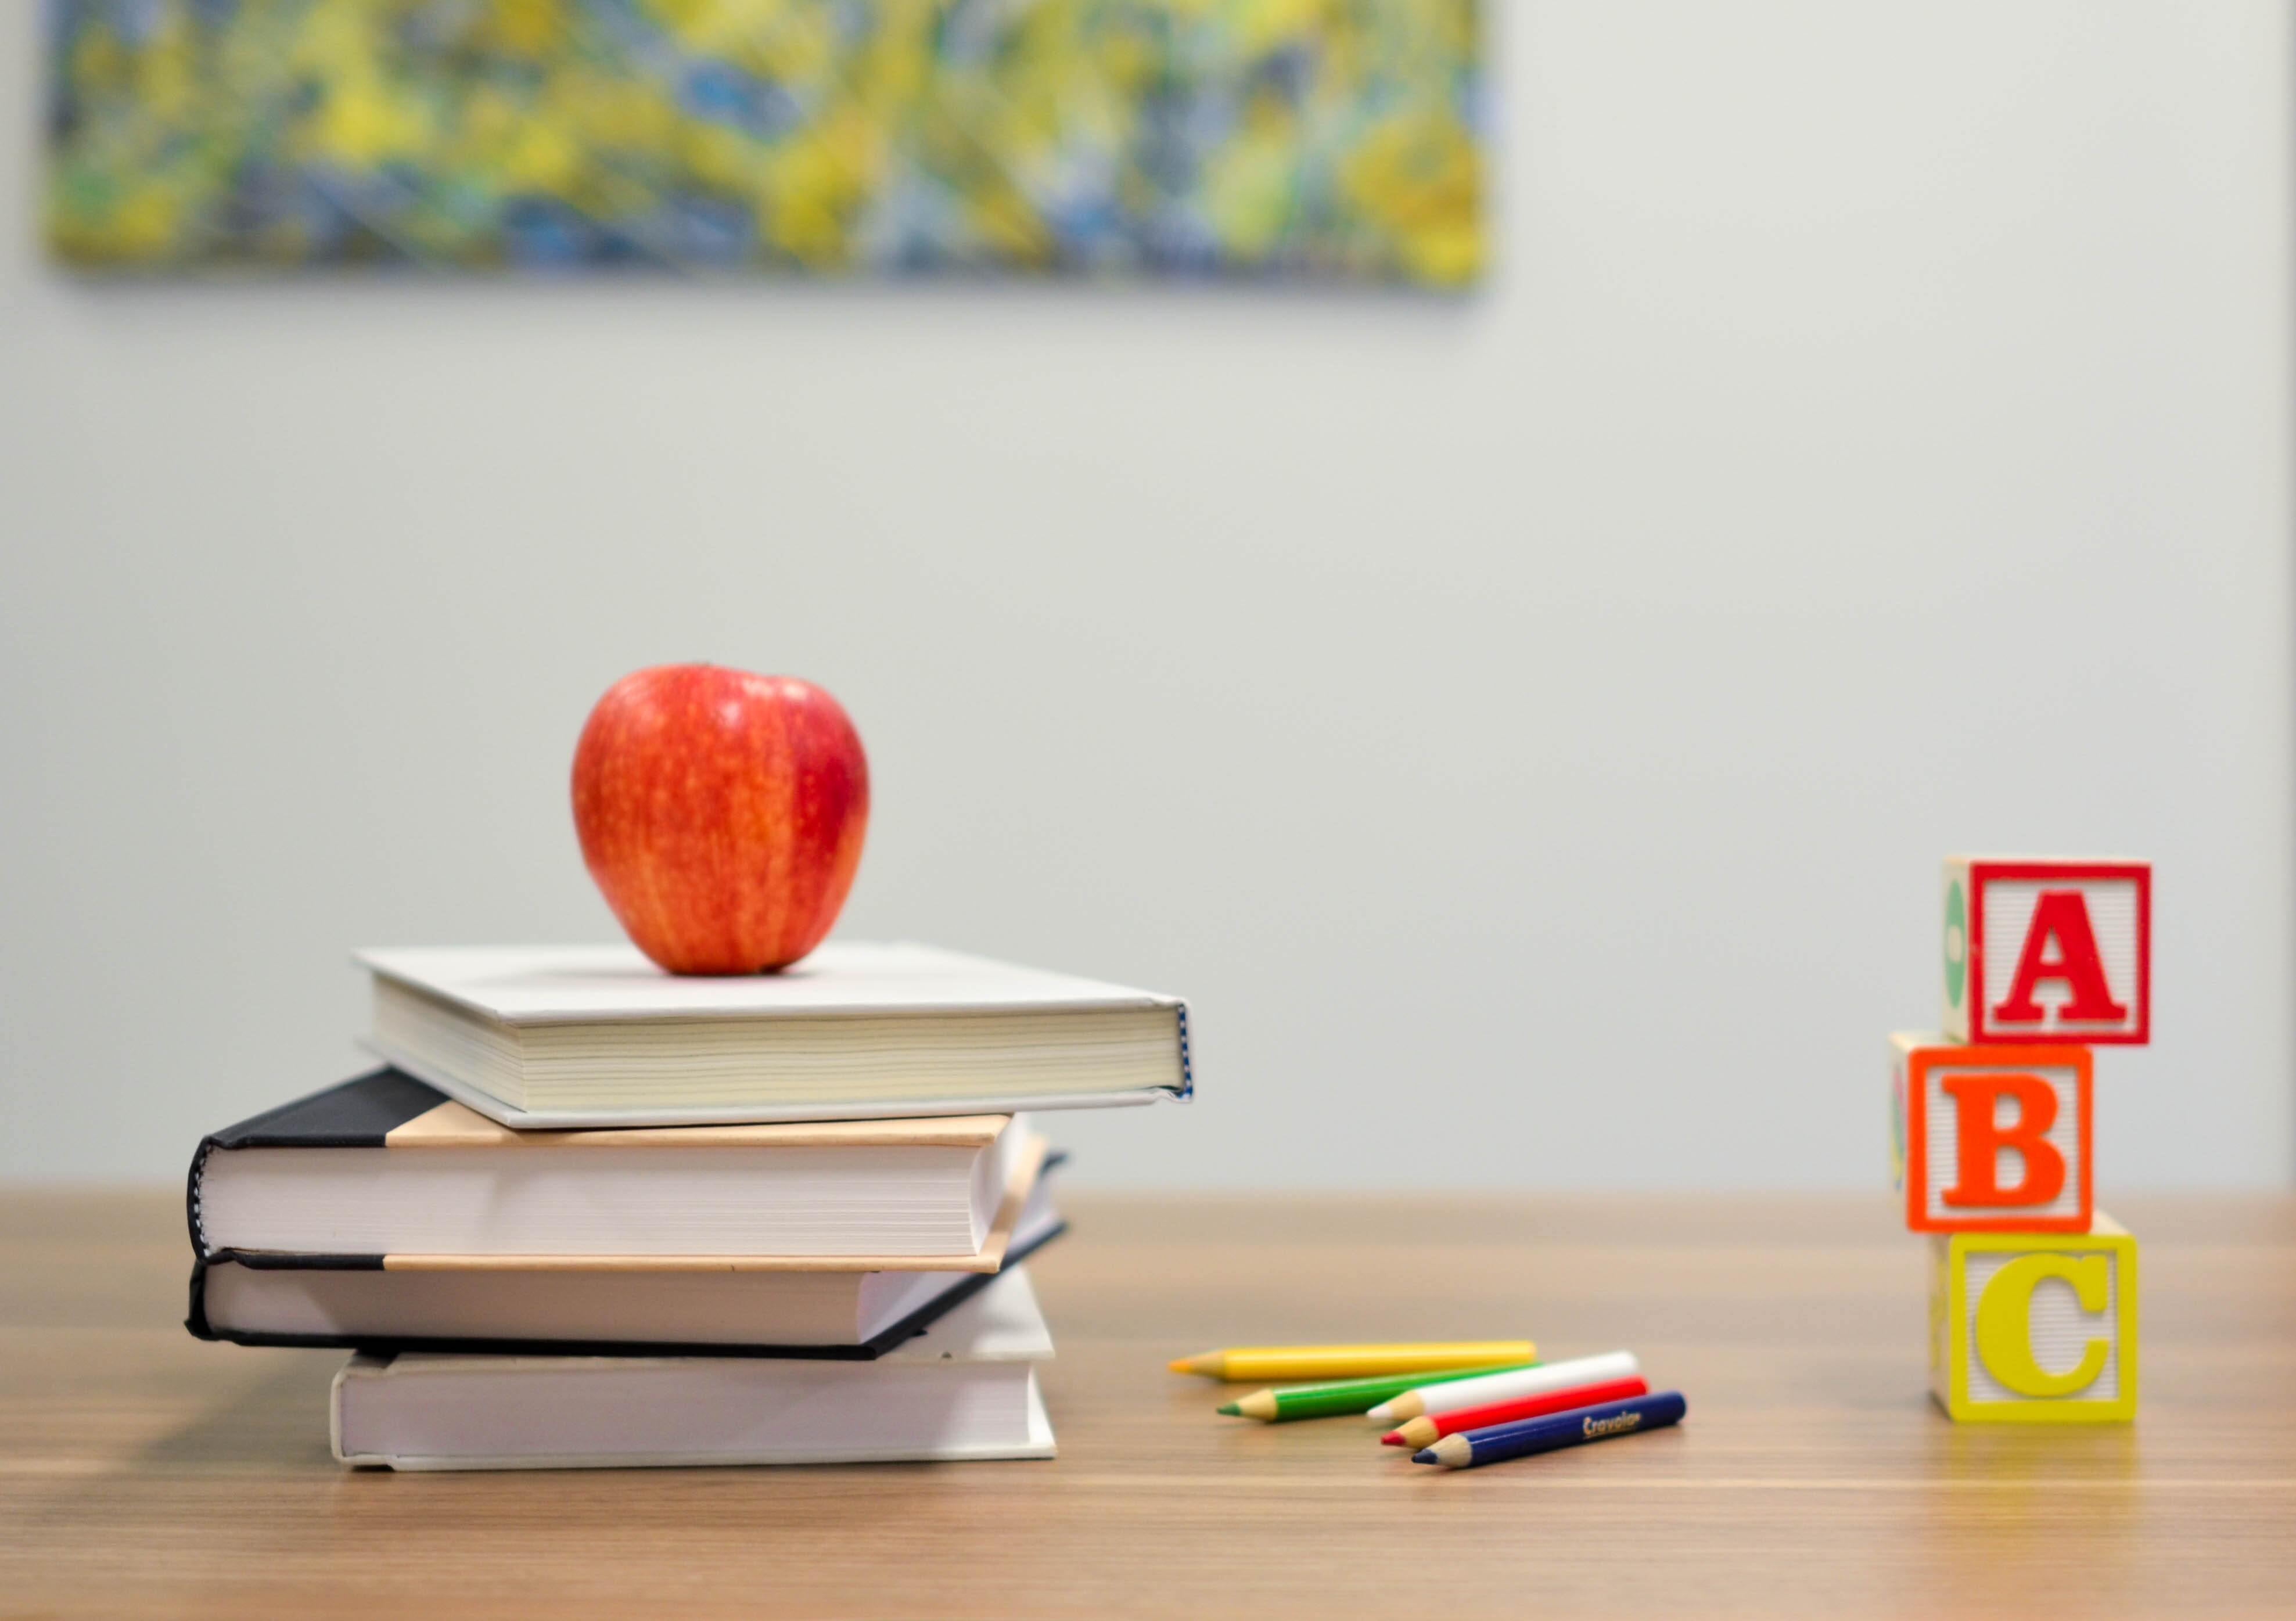 子どもさんが英語の宿題をしているときに、約30分間リモートで繋がります。